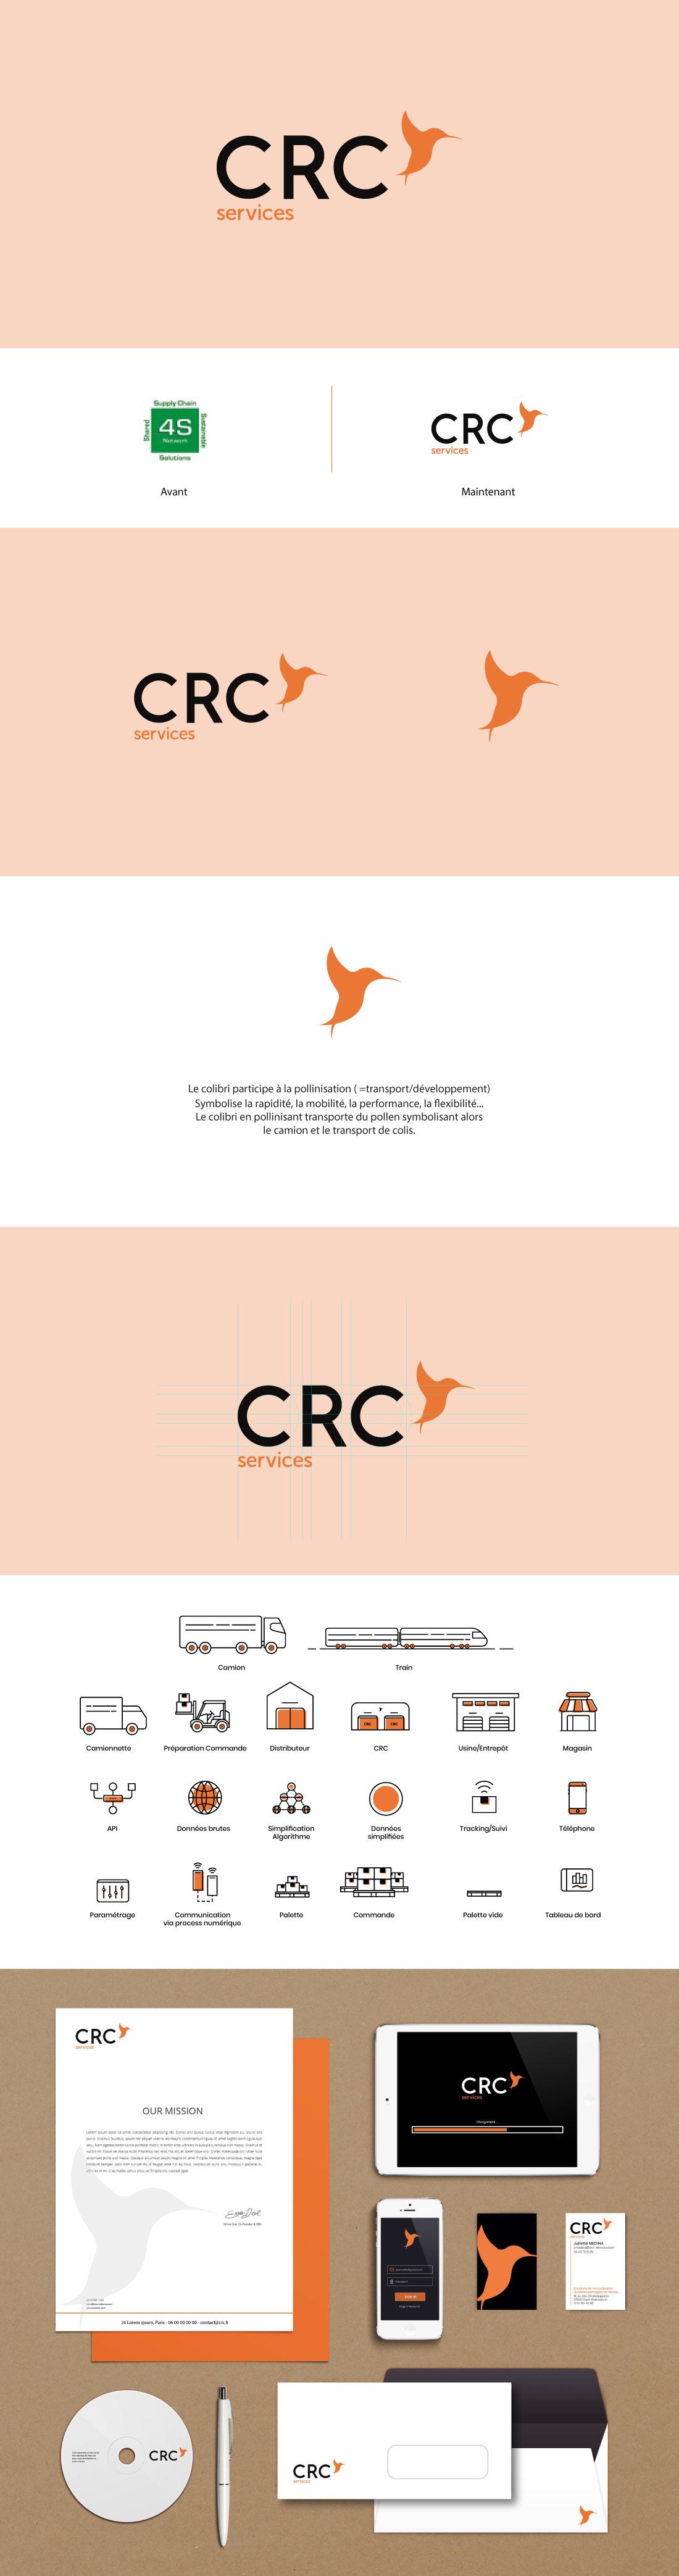 création identité visuelle de la startup crc services